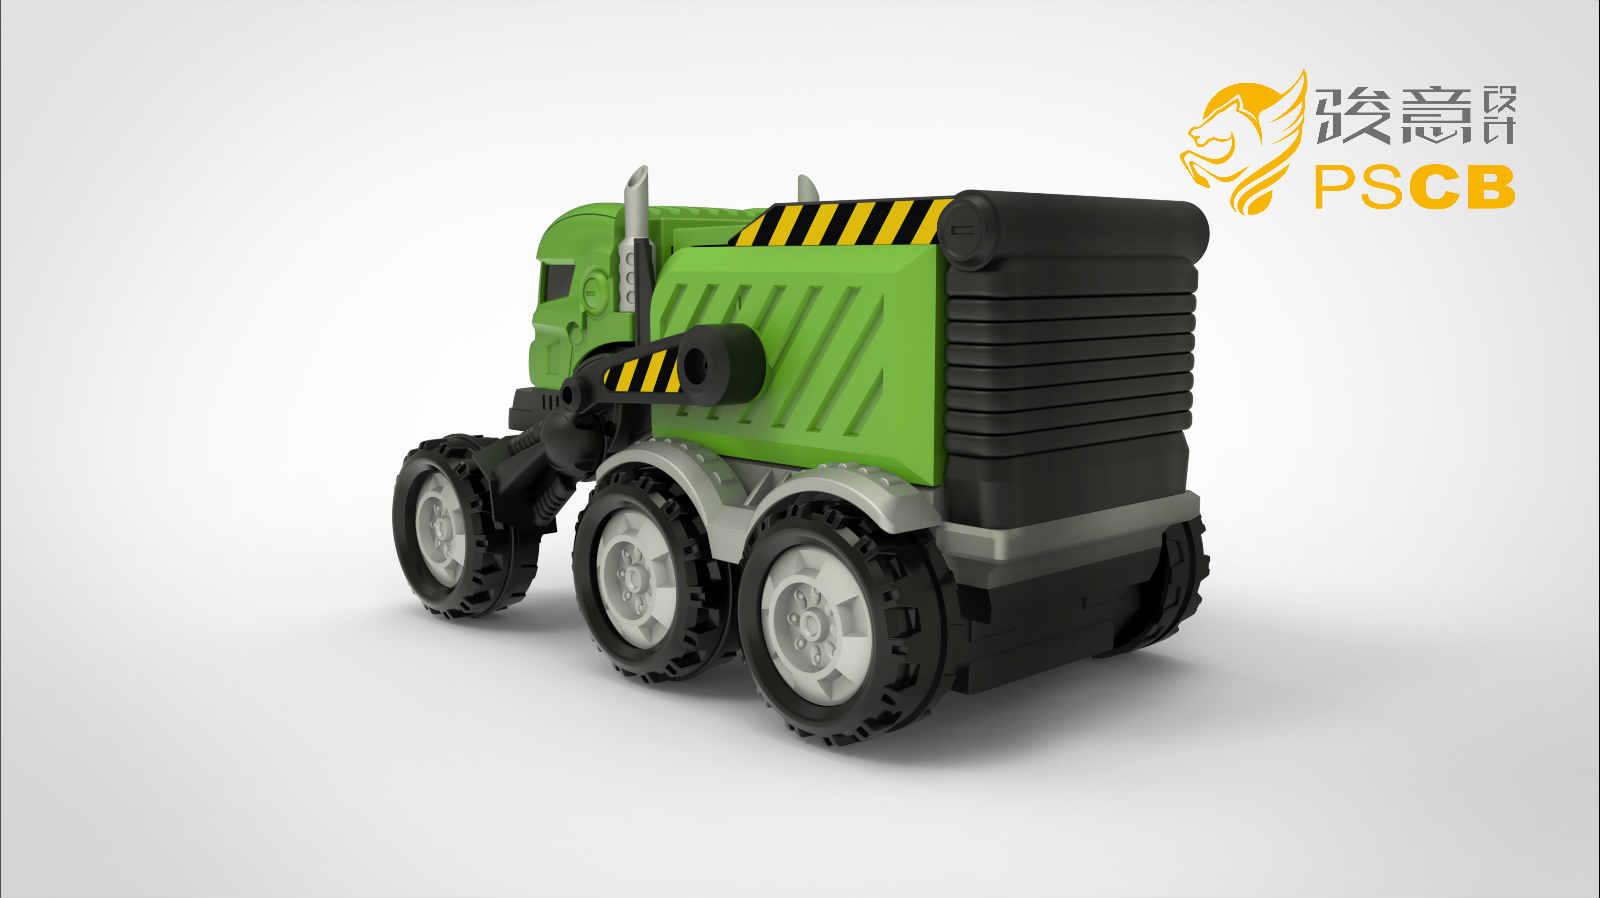 垃圾车变形玩具设计